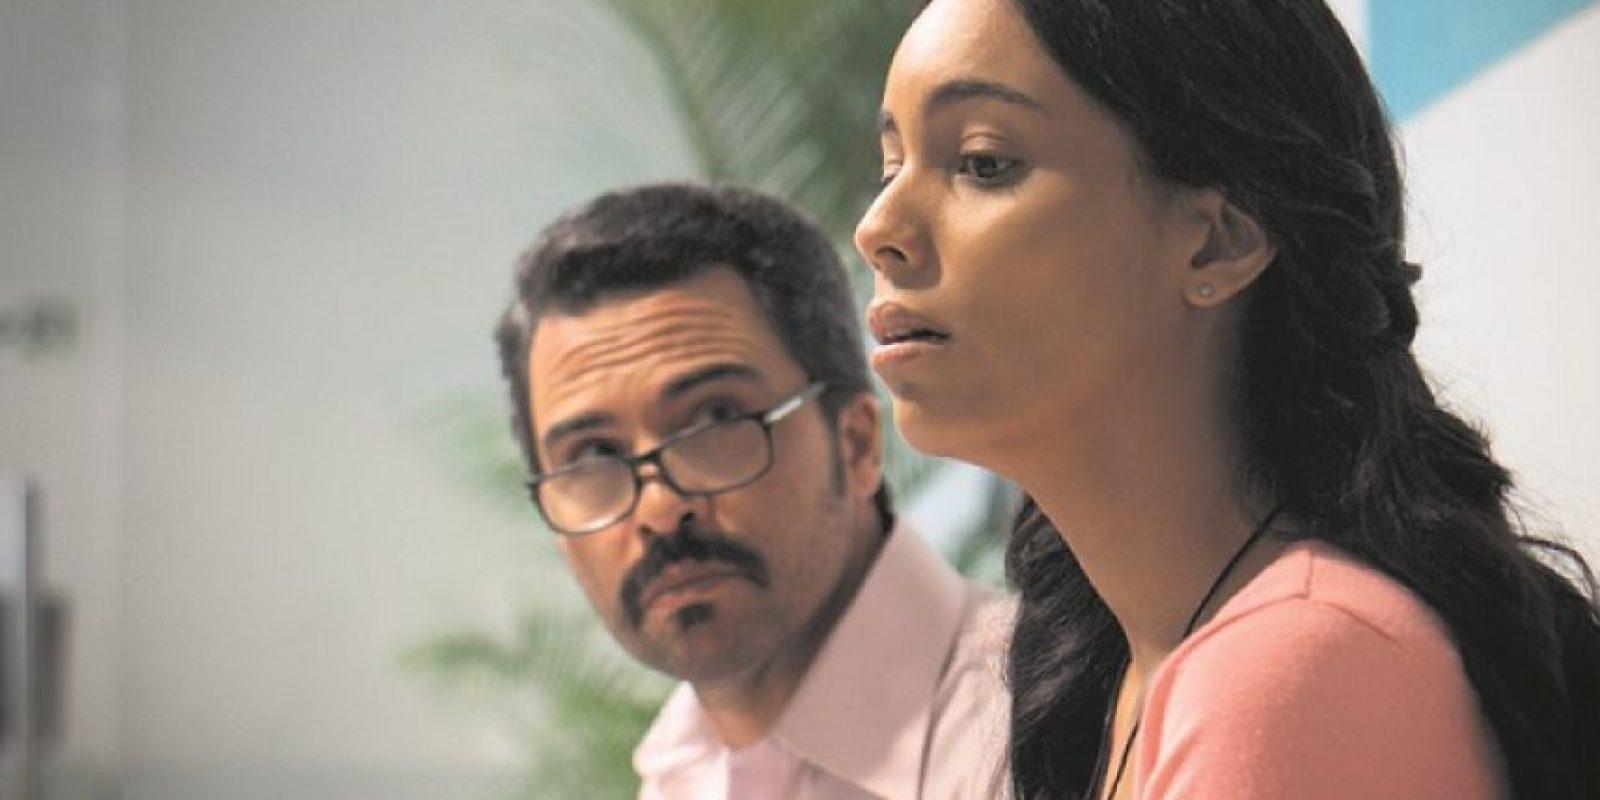 Manny Pérez y Laura Reynoso, quienes en el filme son padre e hija. Foto:Fuente externa